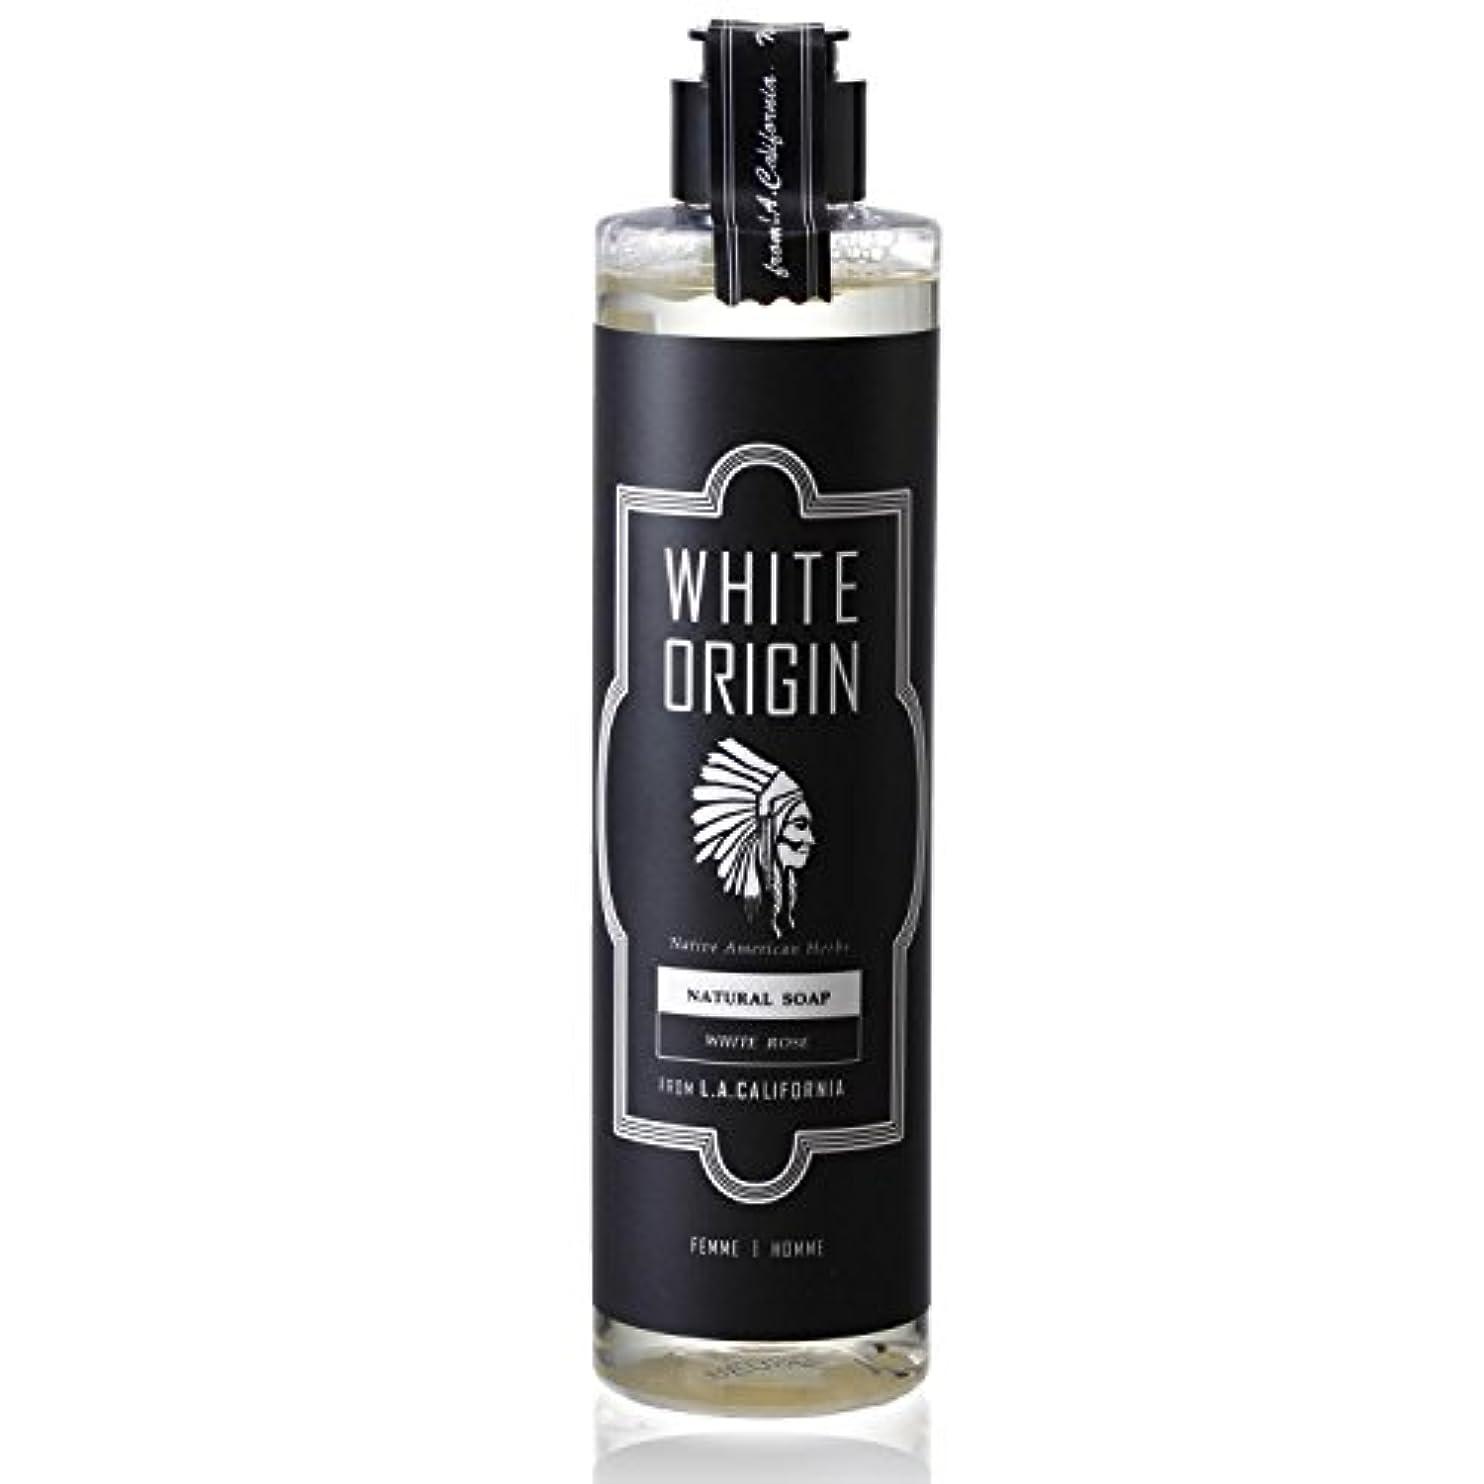 発火するきらめき行方不明WHITE ORIGIN ボディソープ 300ml 加齢臭 ケア オーガニック ナチュラル 男前 乾燥 ホワイトローズ